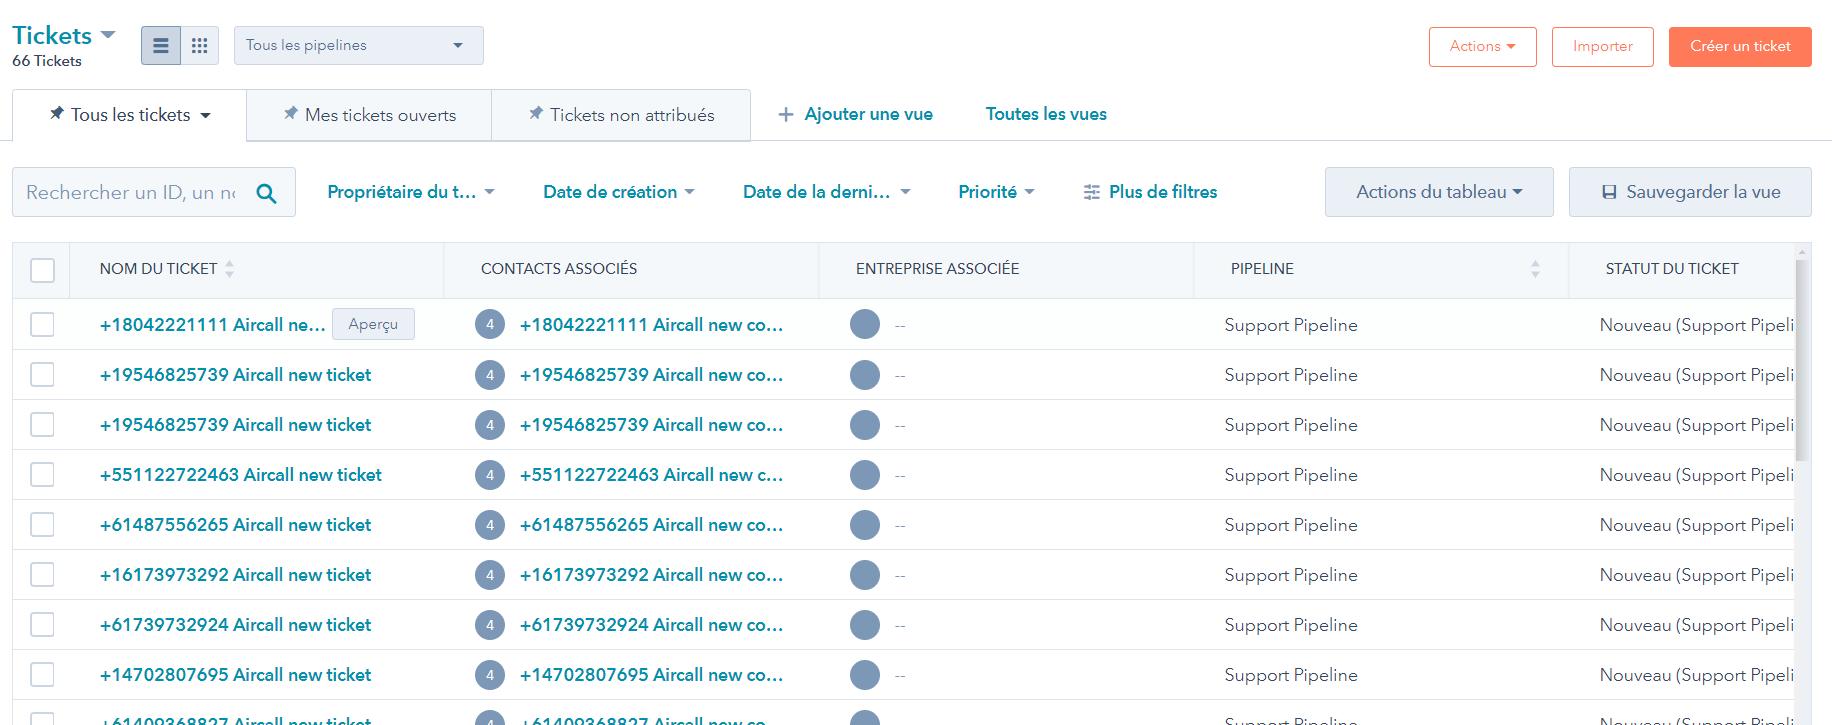 interface du logiciel helpdesk de HubSpot